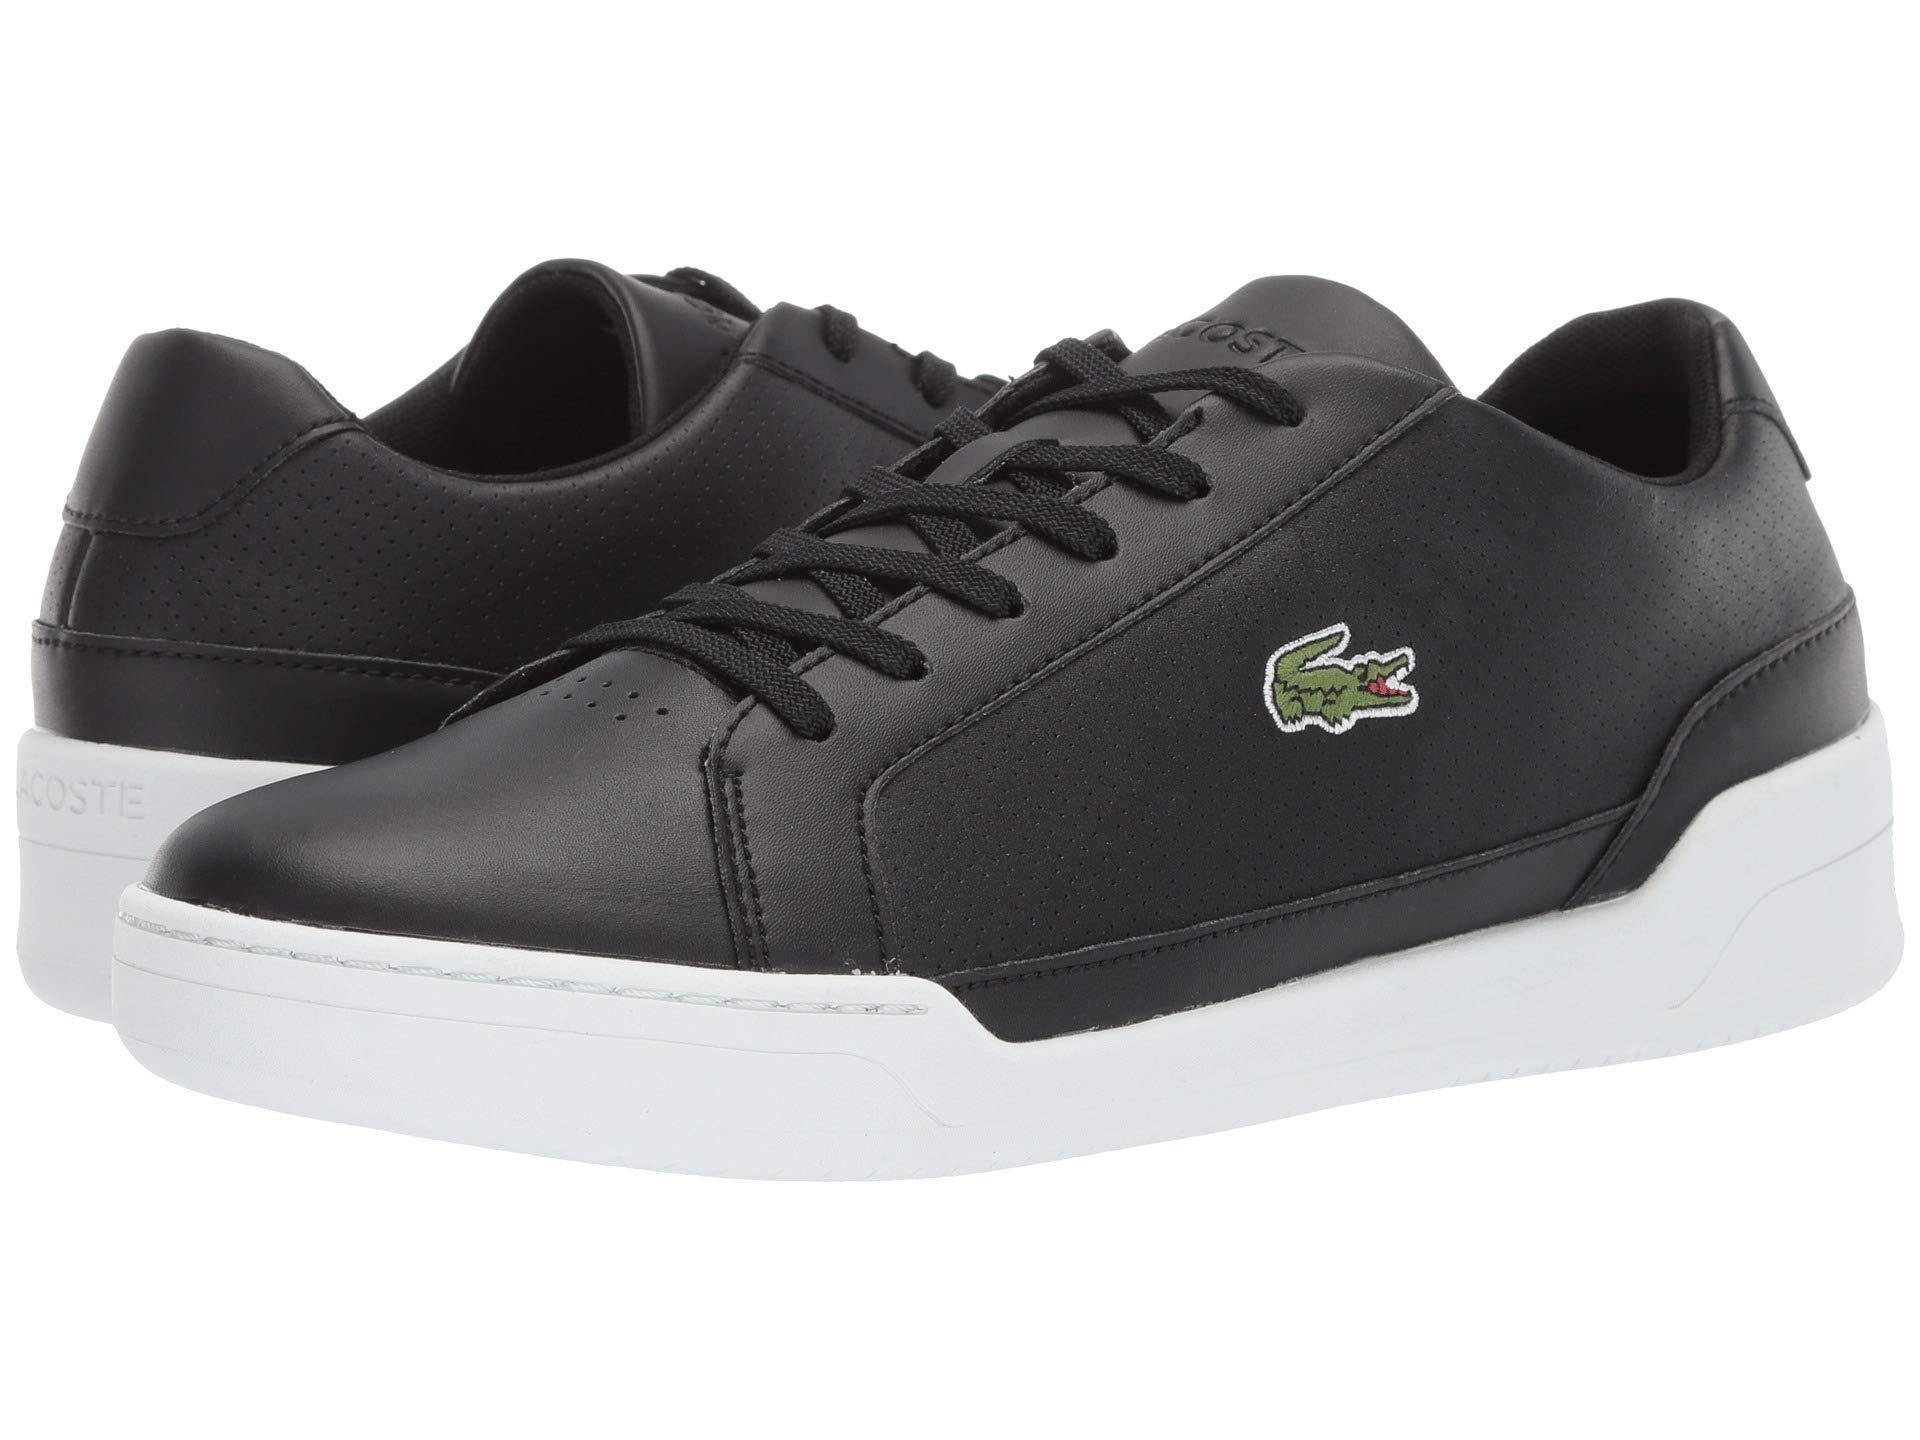 38e8f9da0 Lyst - Lacoste Challenge 119 2 Sma (grey white) Men s Shoes in Black ...